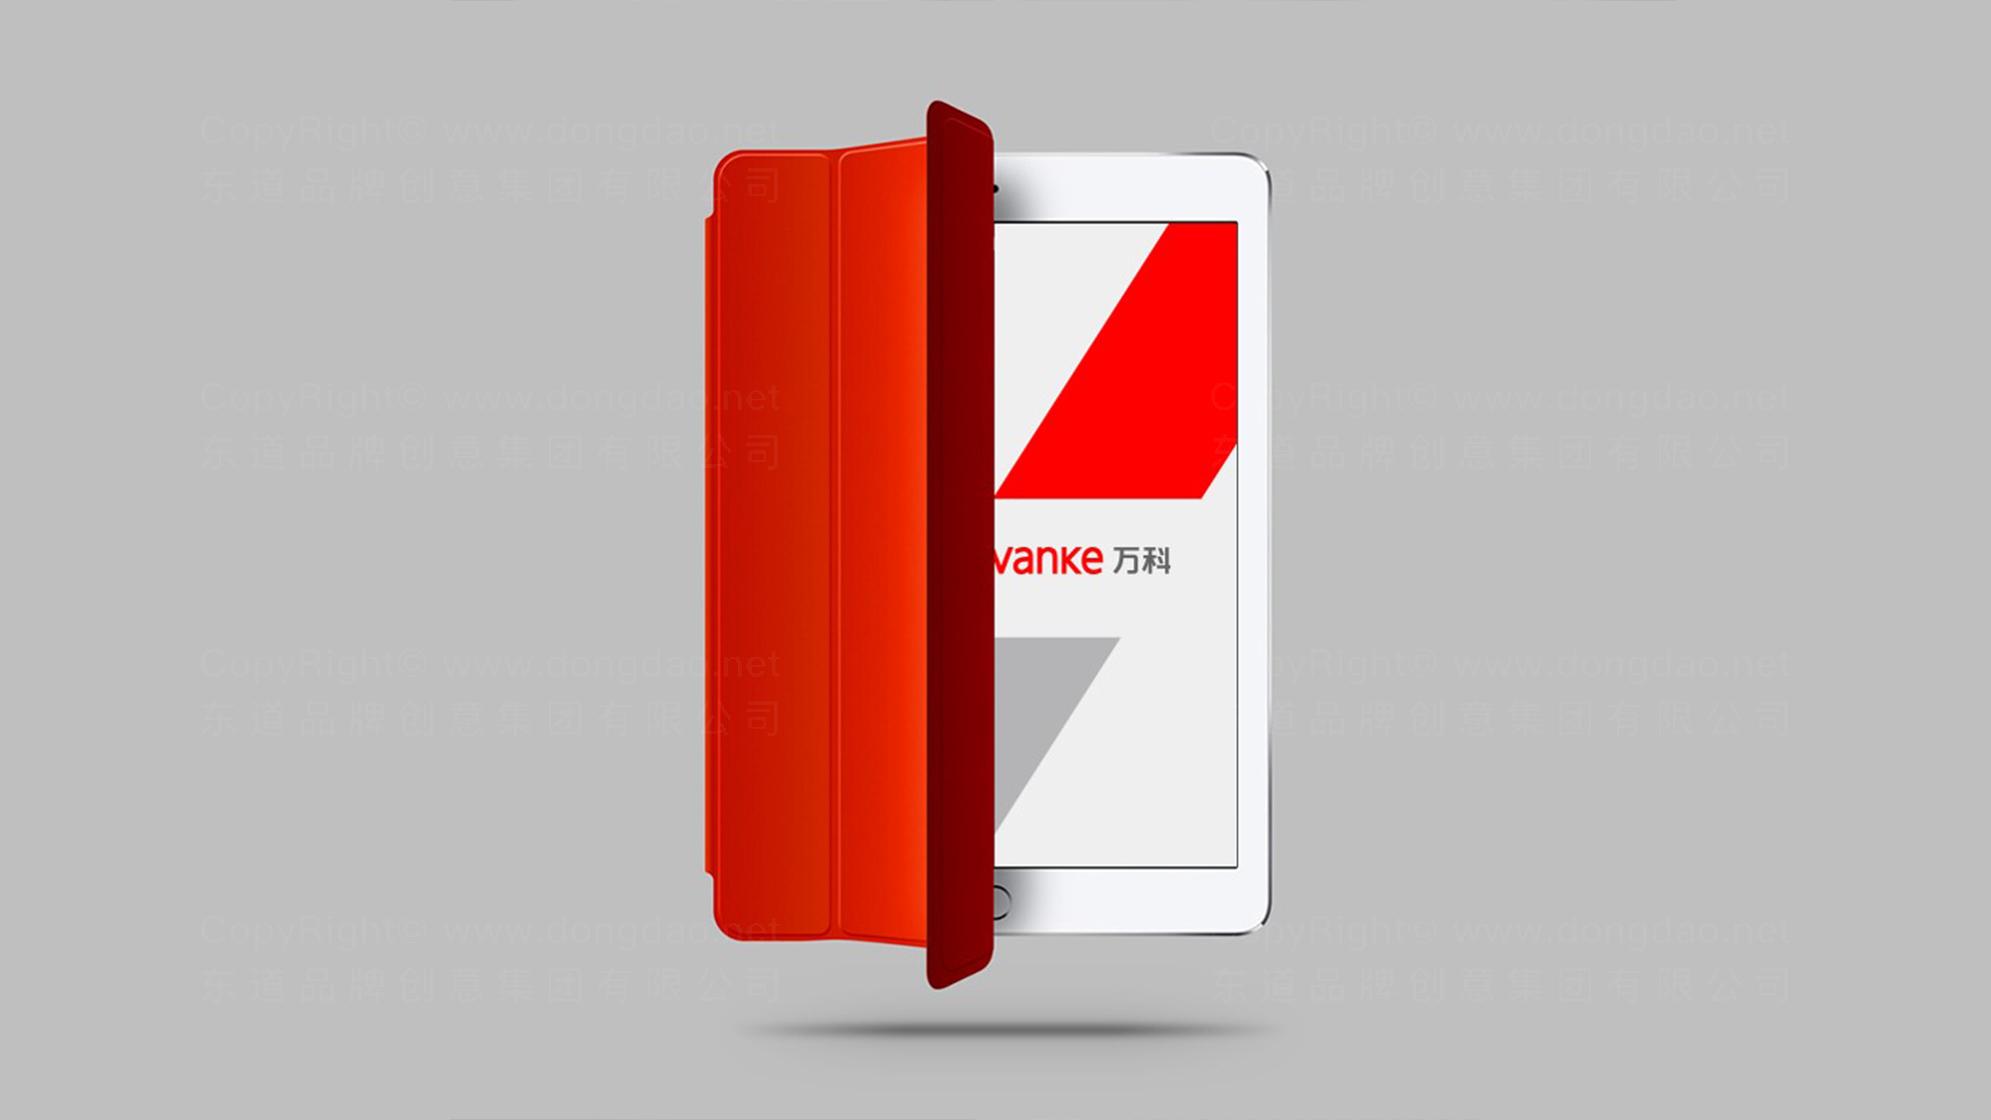 品牌设计万科logo设计、vi设计应用场景_4